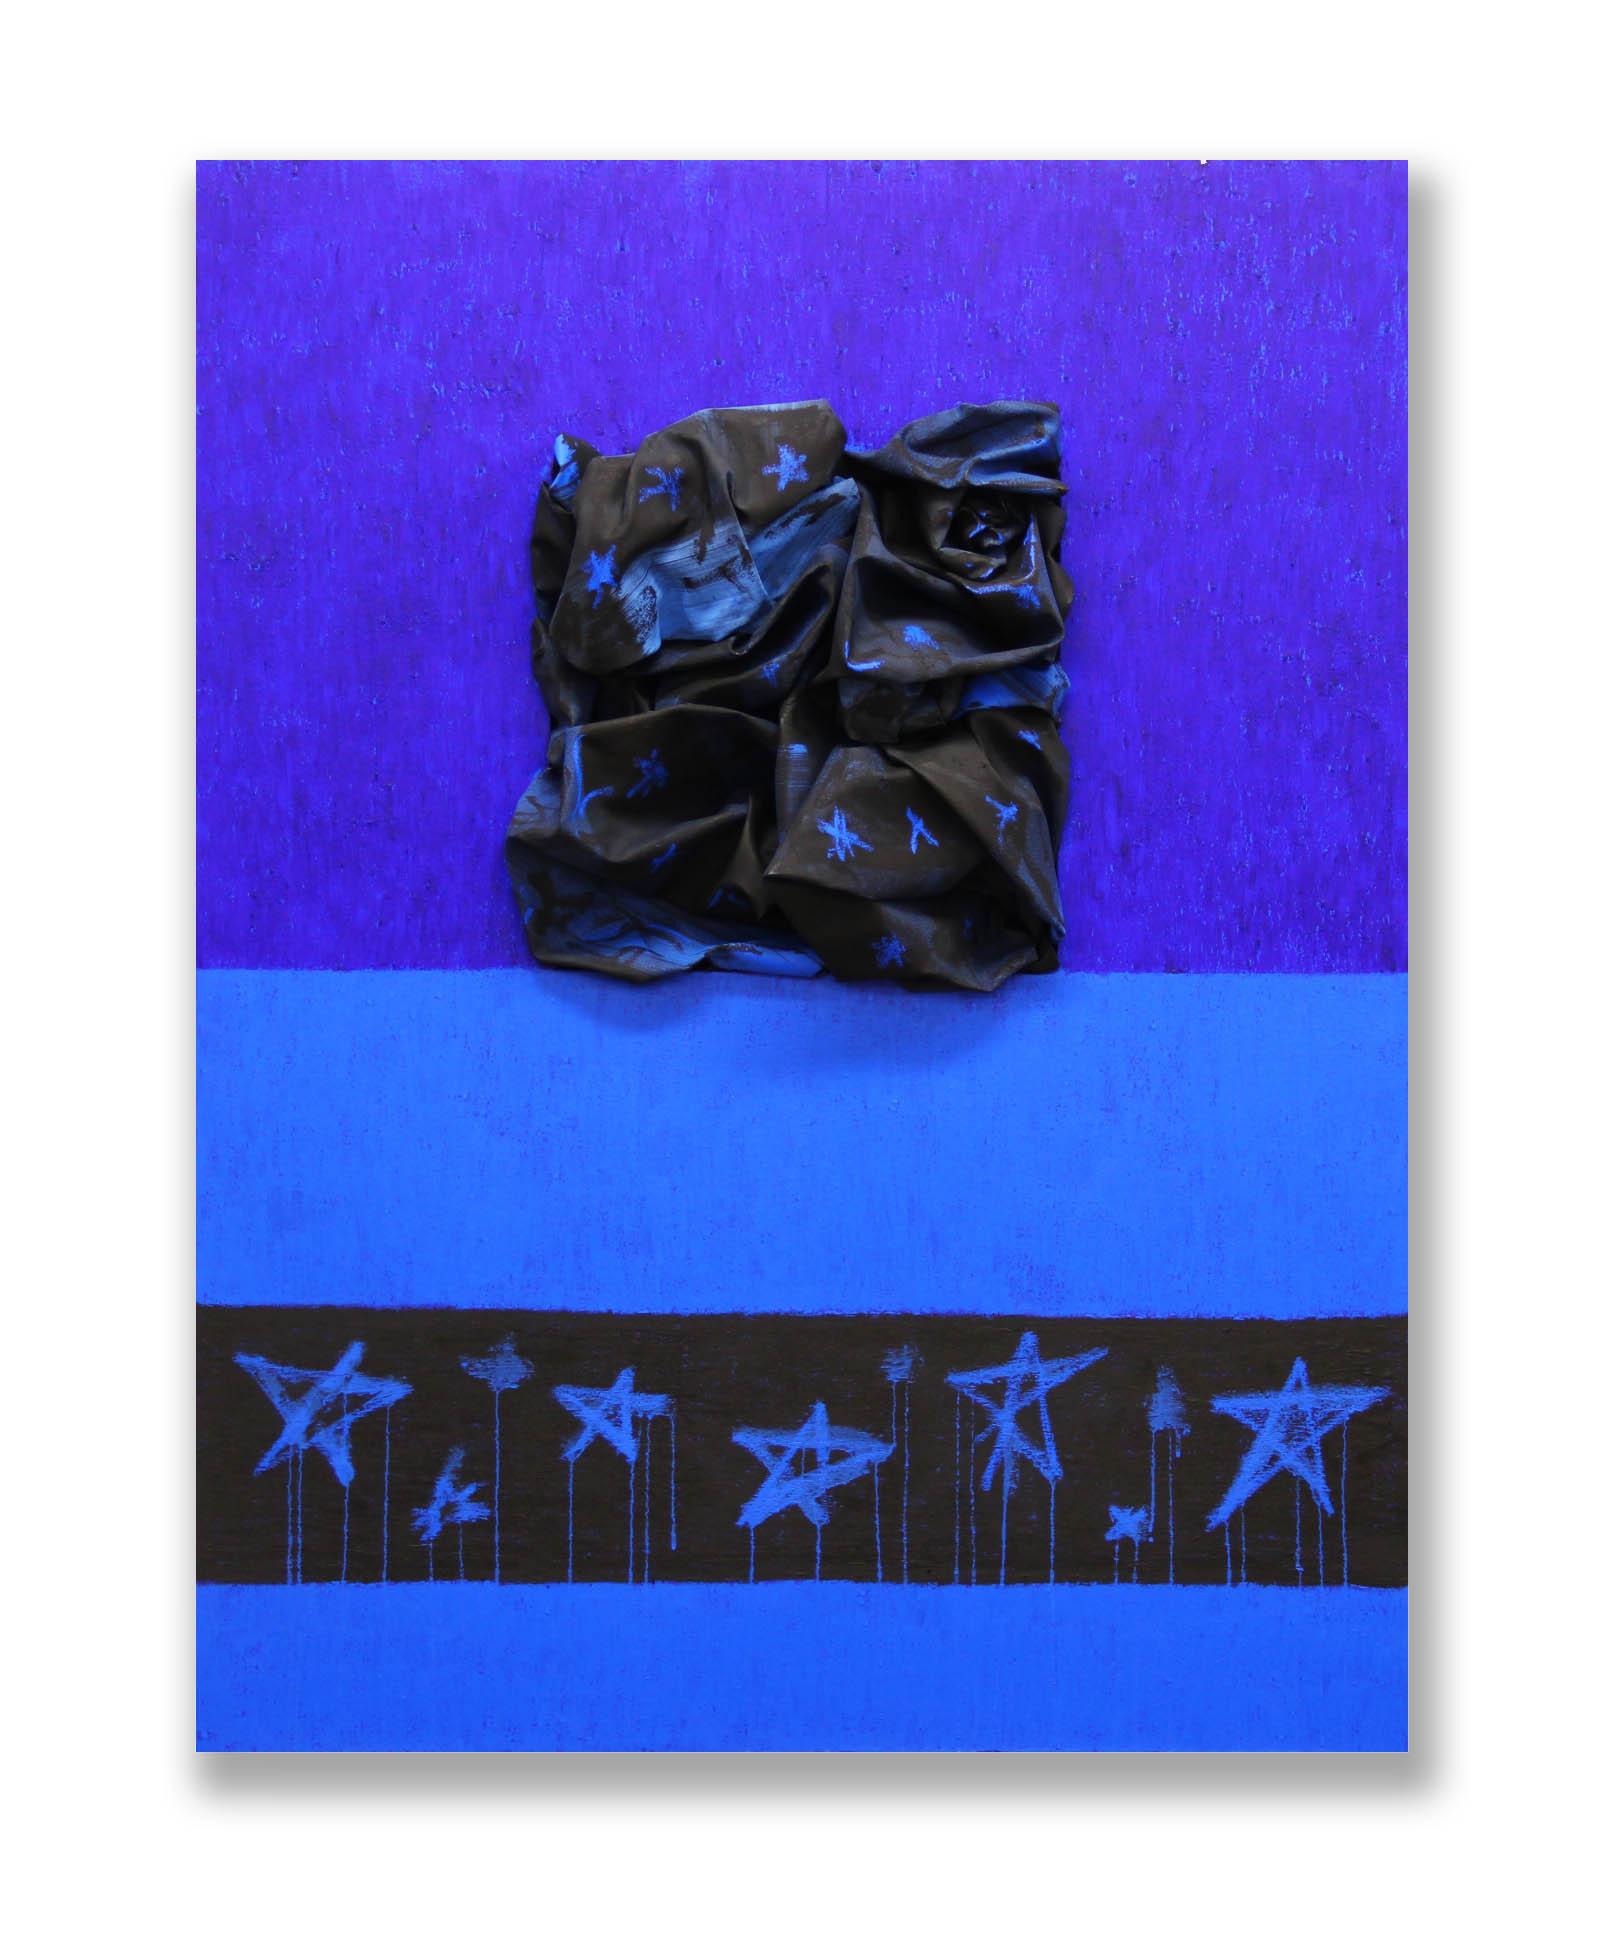 Stars Pathway  - 2017  Pigmento acrilico, bomboletta spray e oil stick su tela  130 x 110 cm